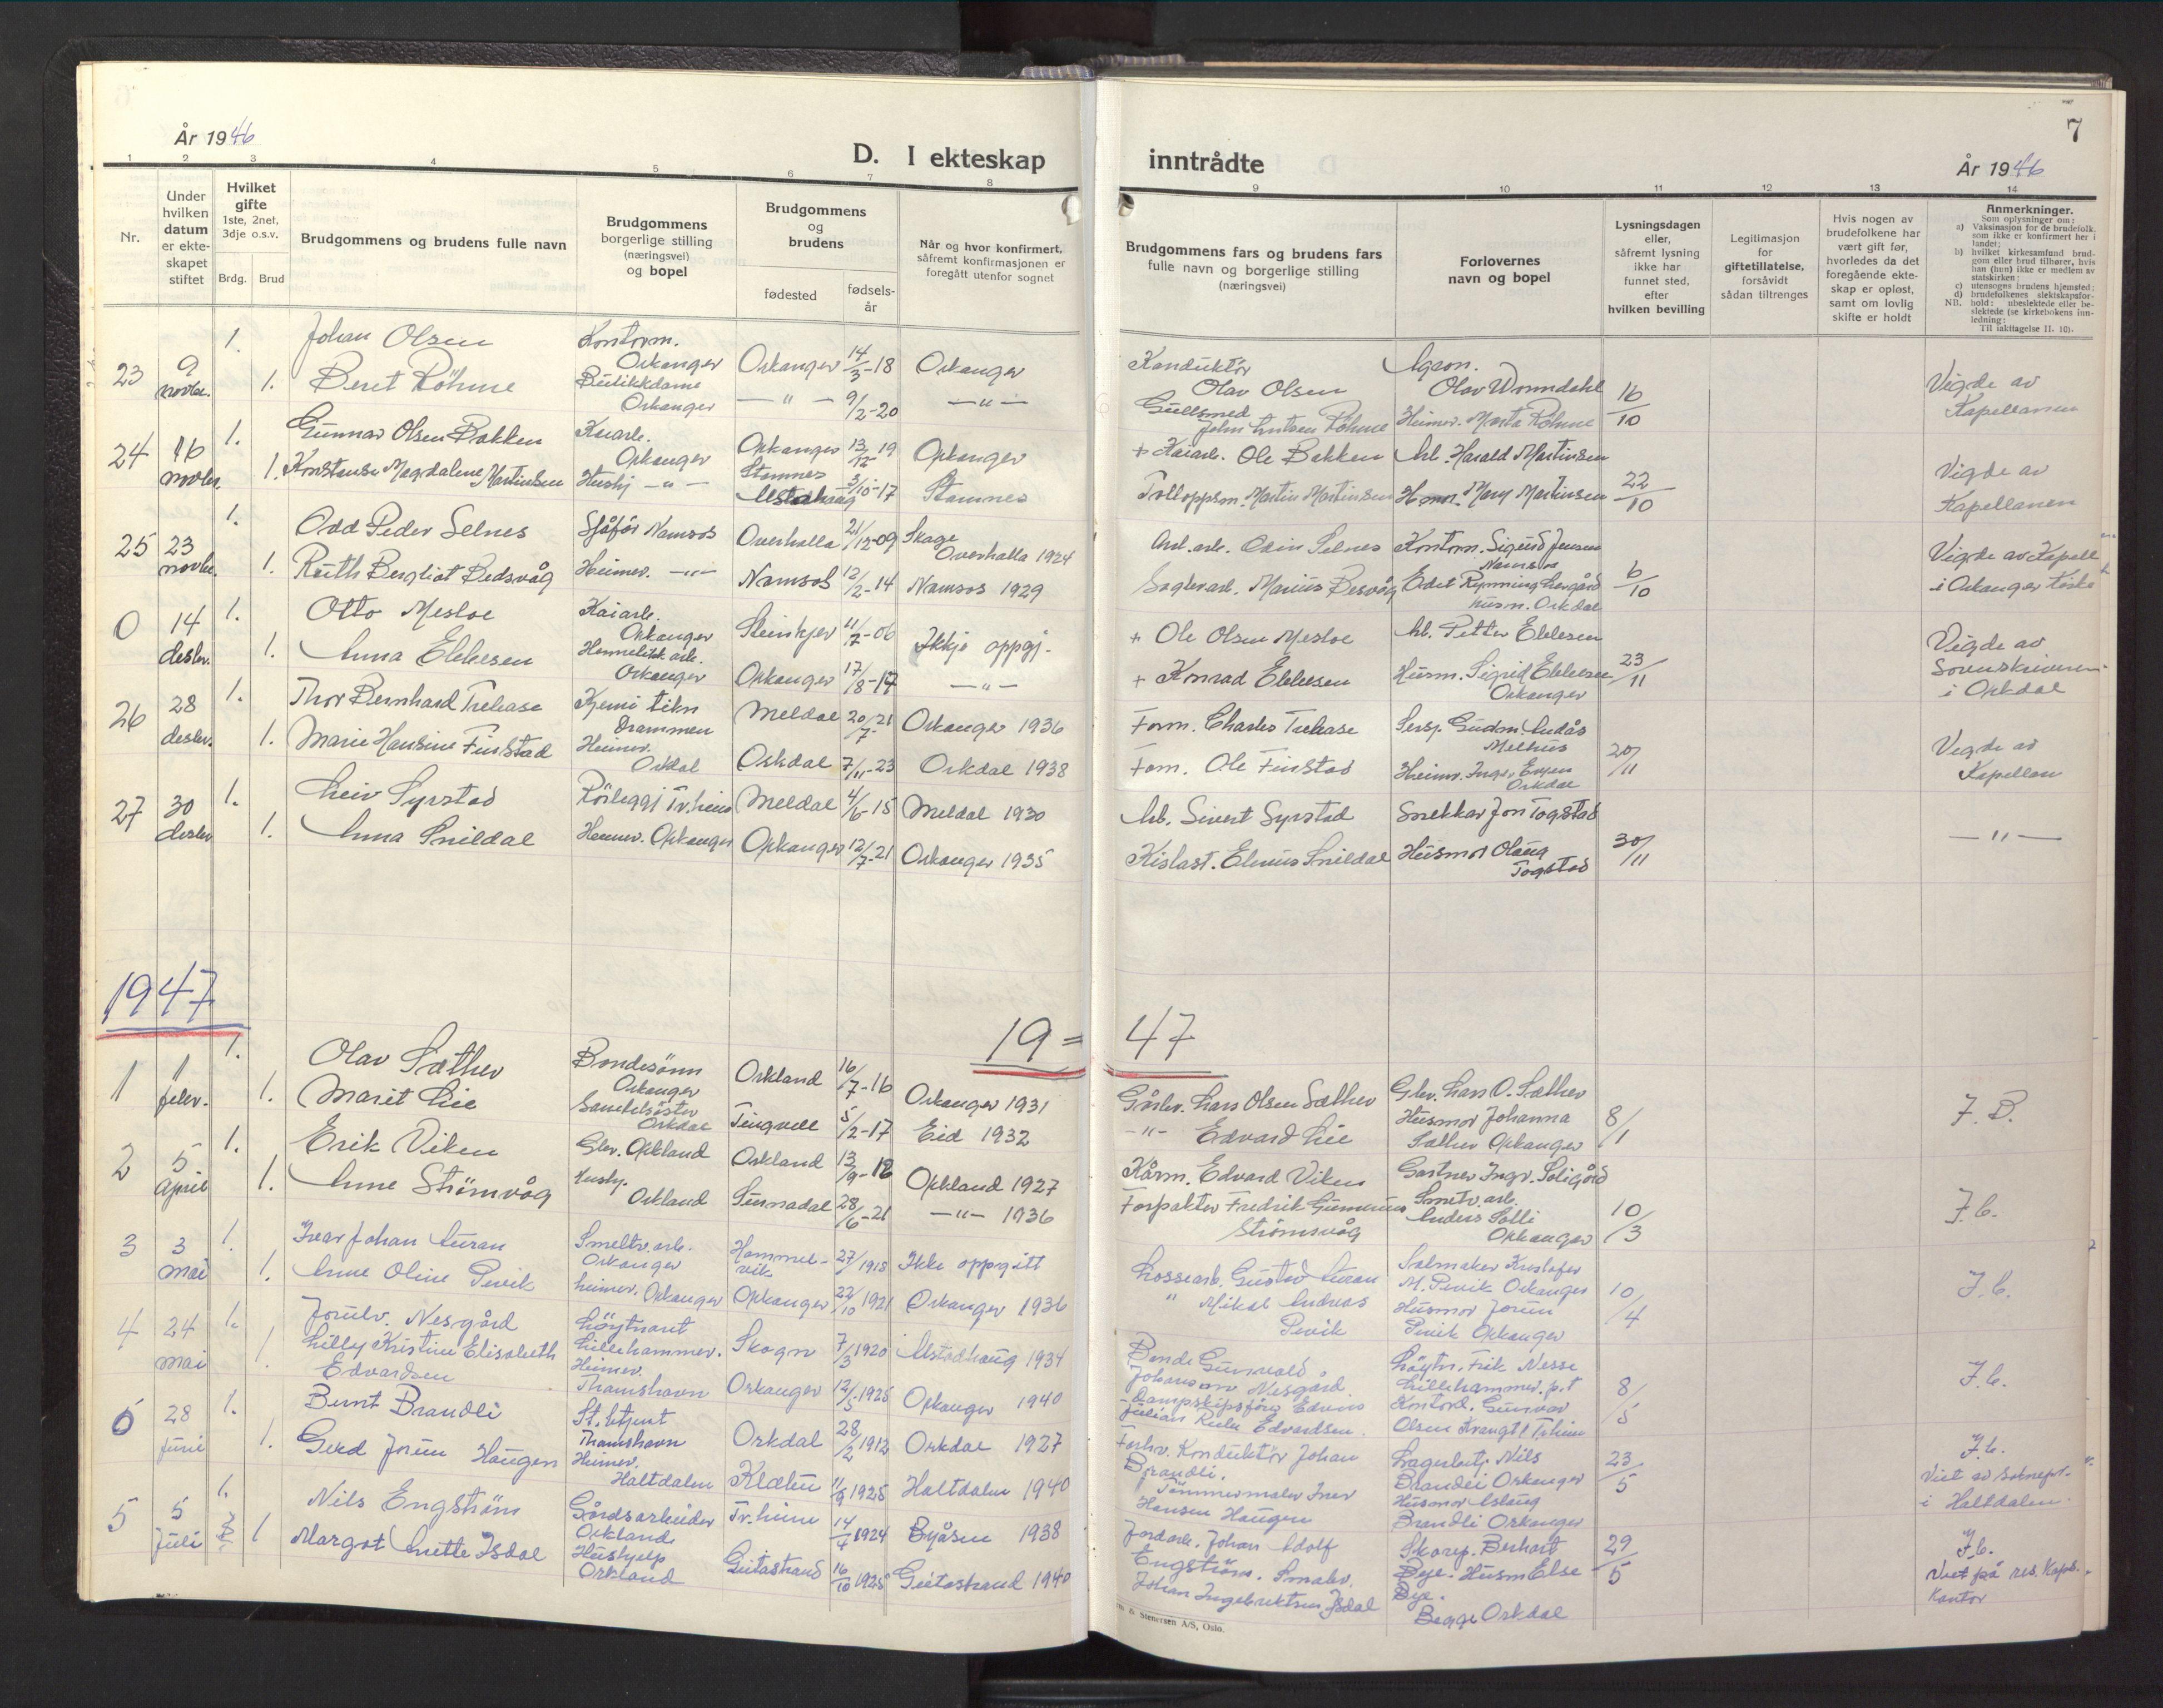 SAT, Ministerialprotokoller, klokkerbøker og fødselsregistre - Sør-Trøndelag, 669/L0833: Klokkerbok nr. 669C03, 1945-1950, s. 7